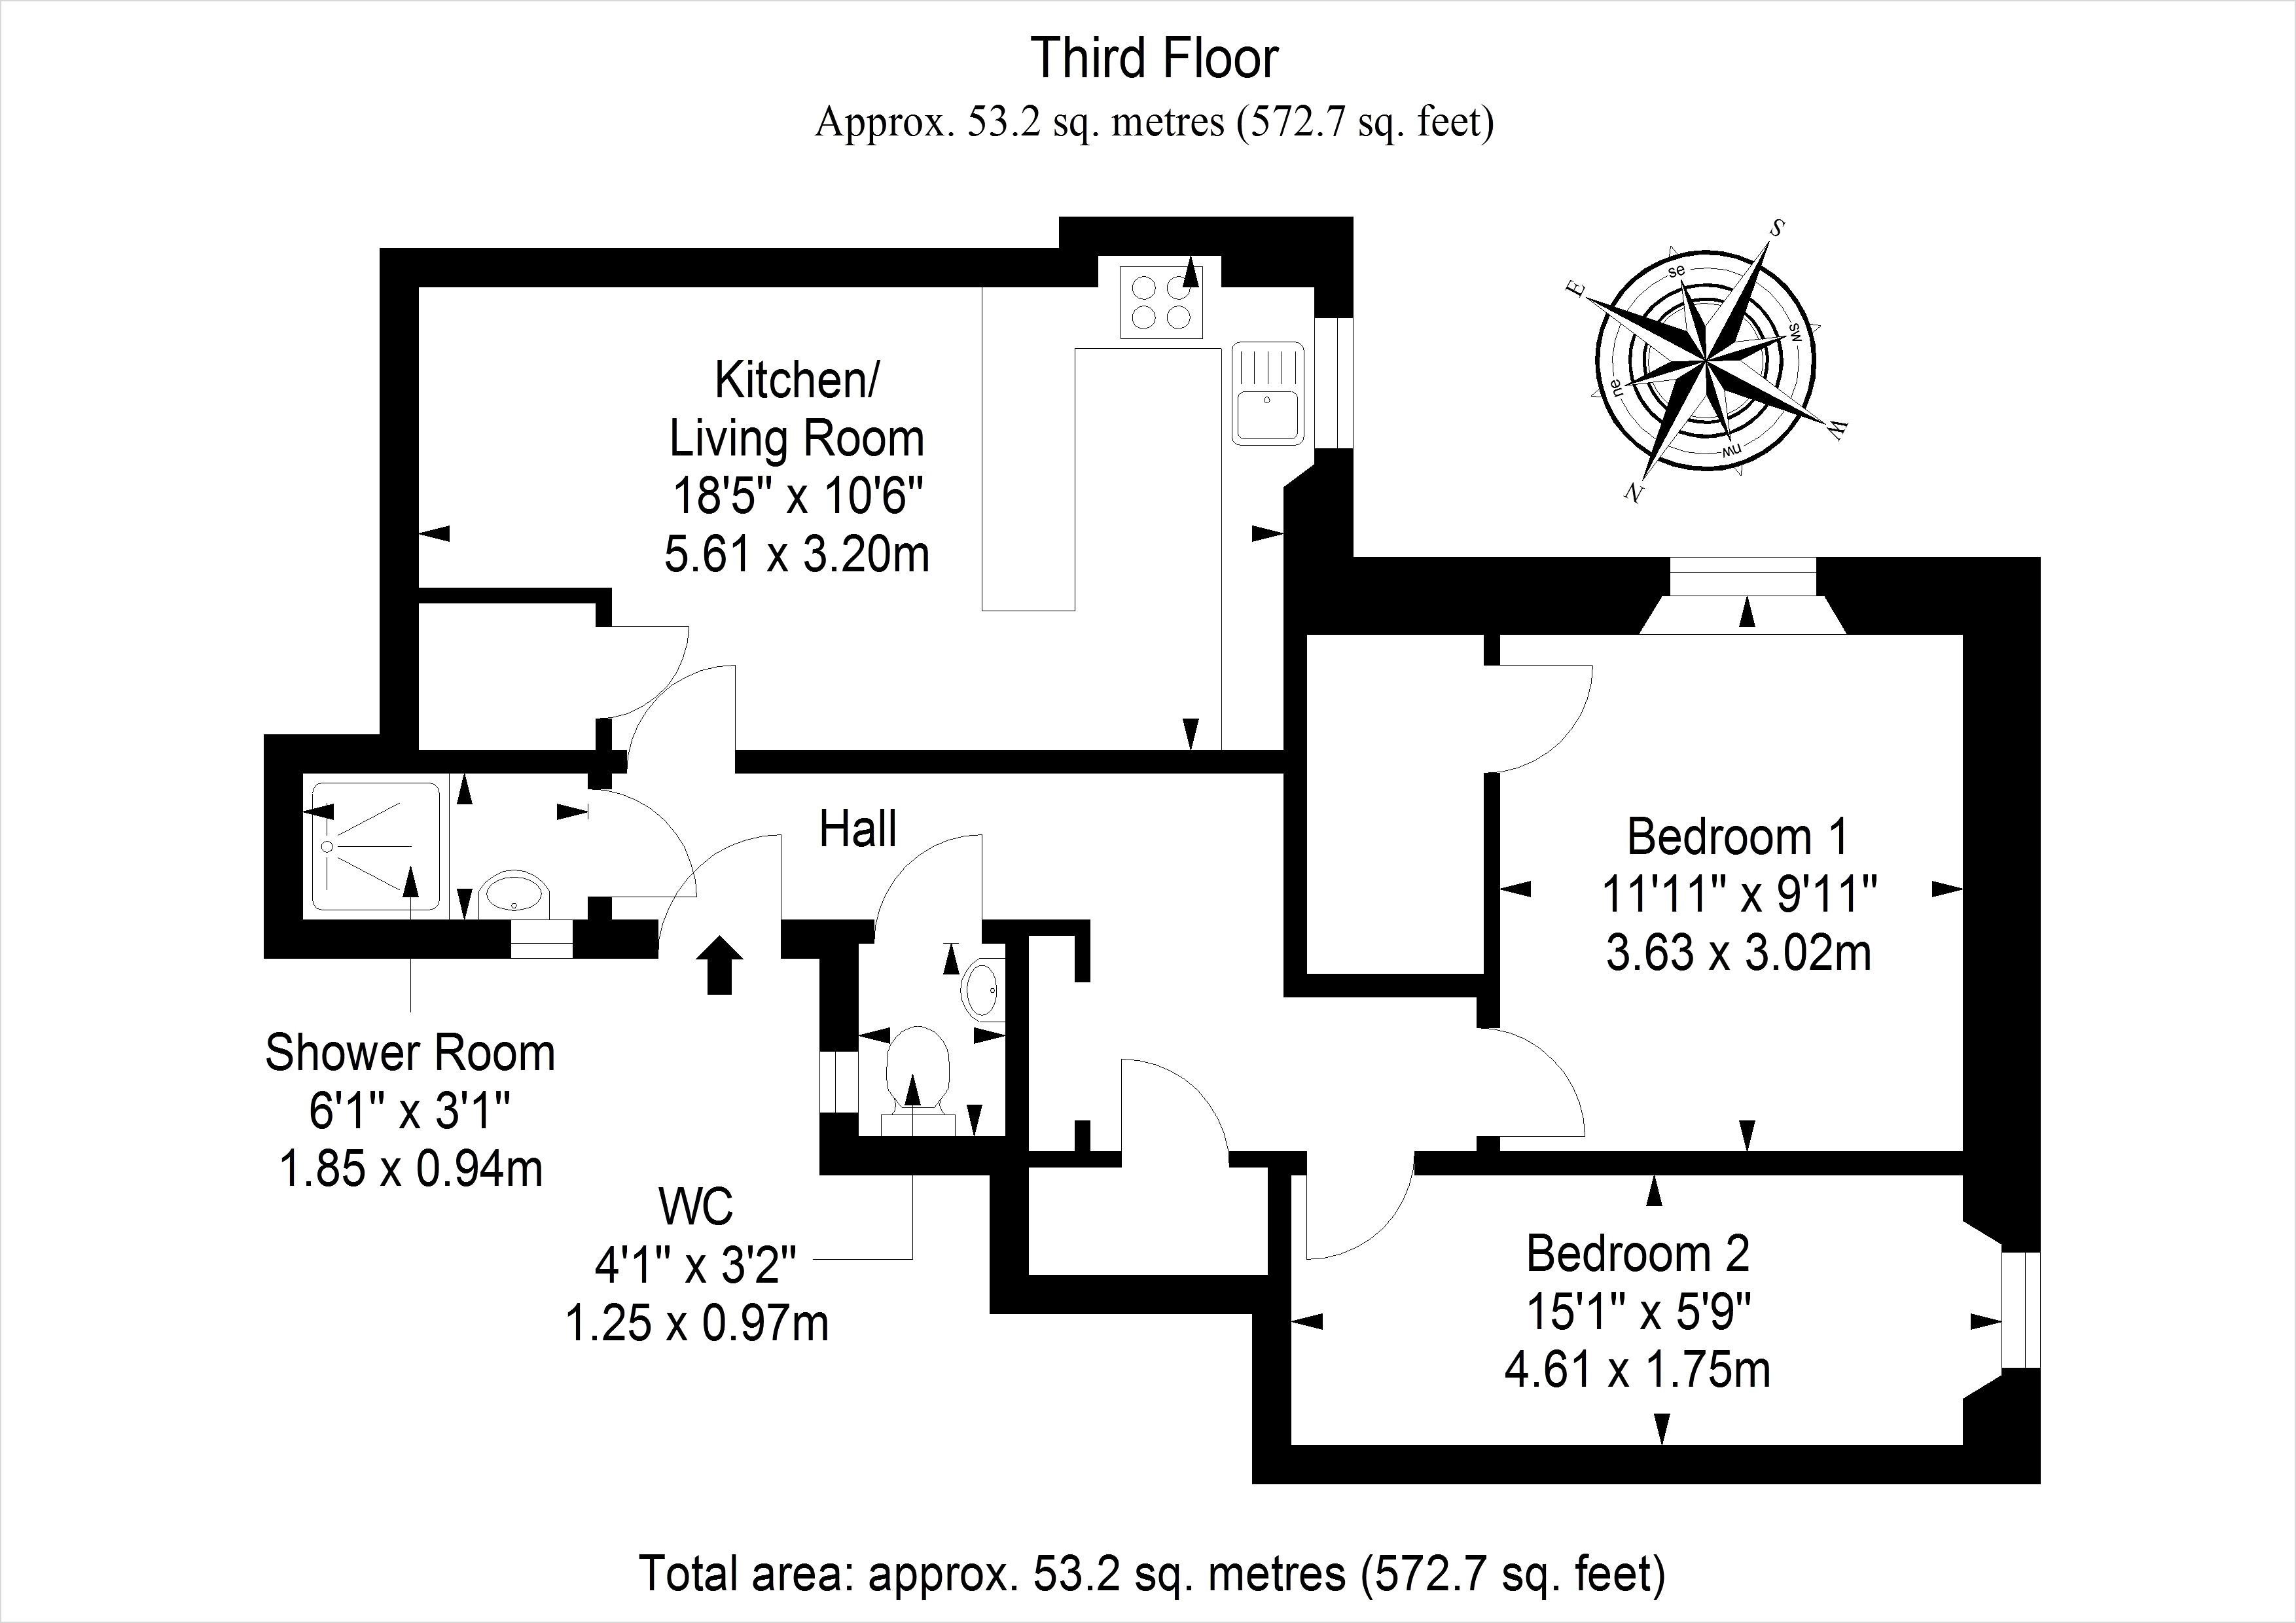 Bathtub Diagram Of Parts Bathroom 2019 Part 25 Of Bathtub Diagram Of Parts